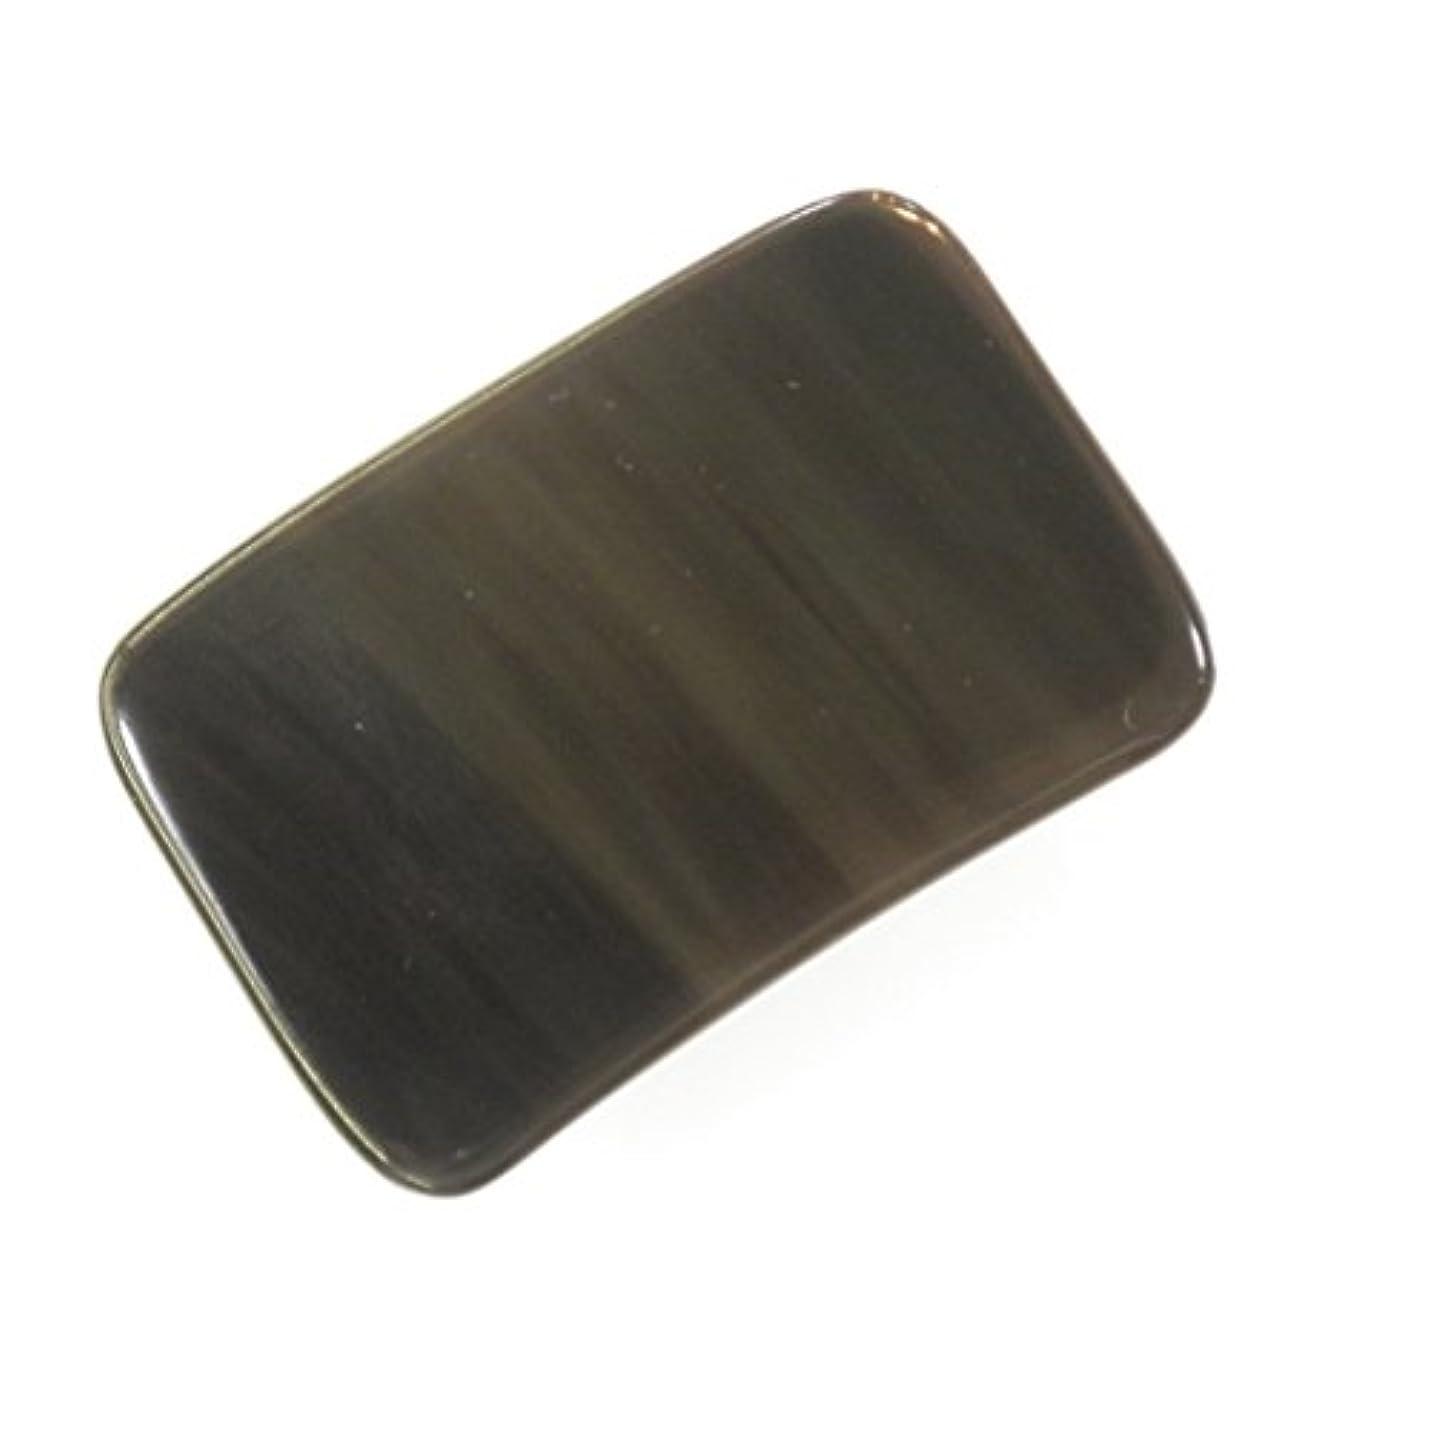 かっさ プレート 厚さが選べる 水牛の角(黒水牛角) EHE214 長方形小 一般品 標準(6ミリ程度)